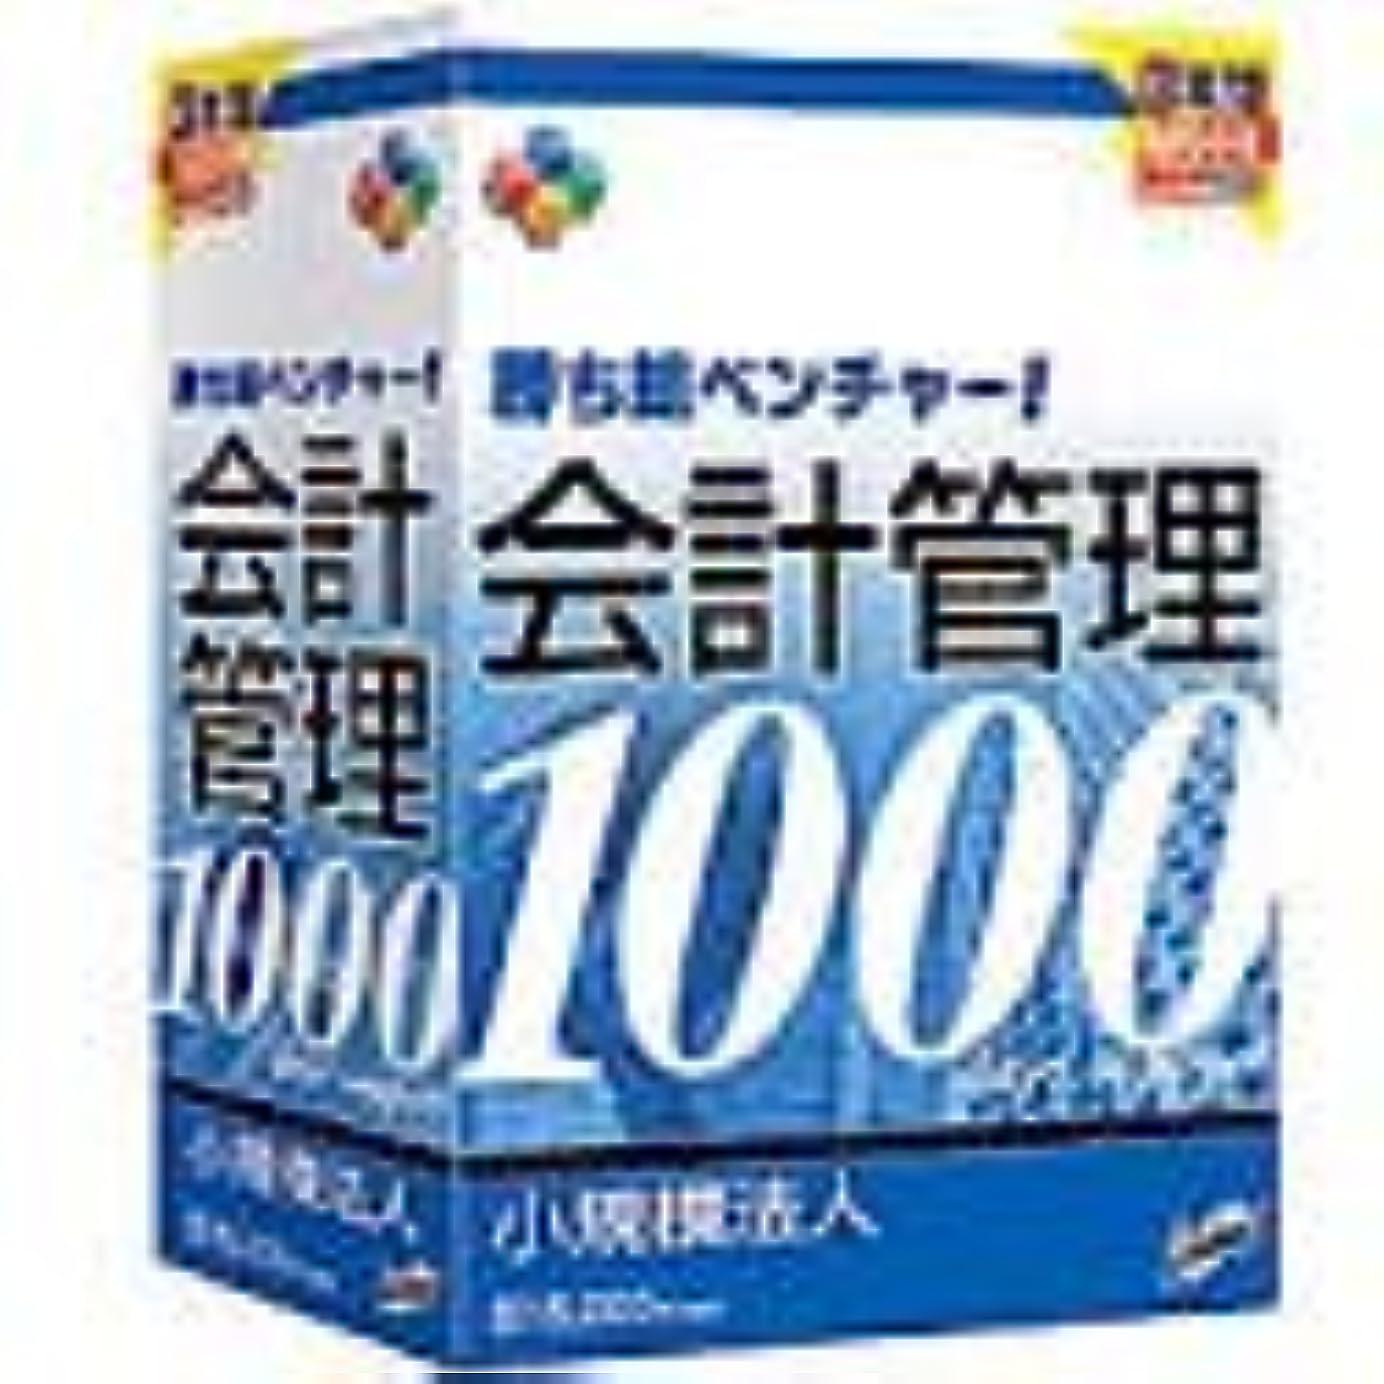 存在カスタム竜巻勝ち組ベンチャー! 会計管理1000days support 小規模法人